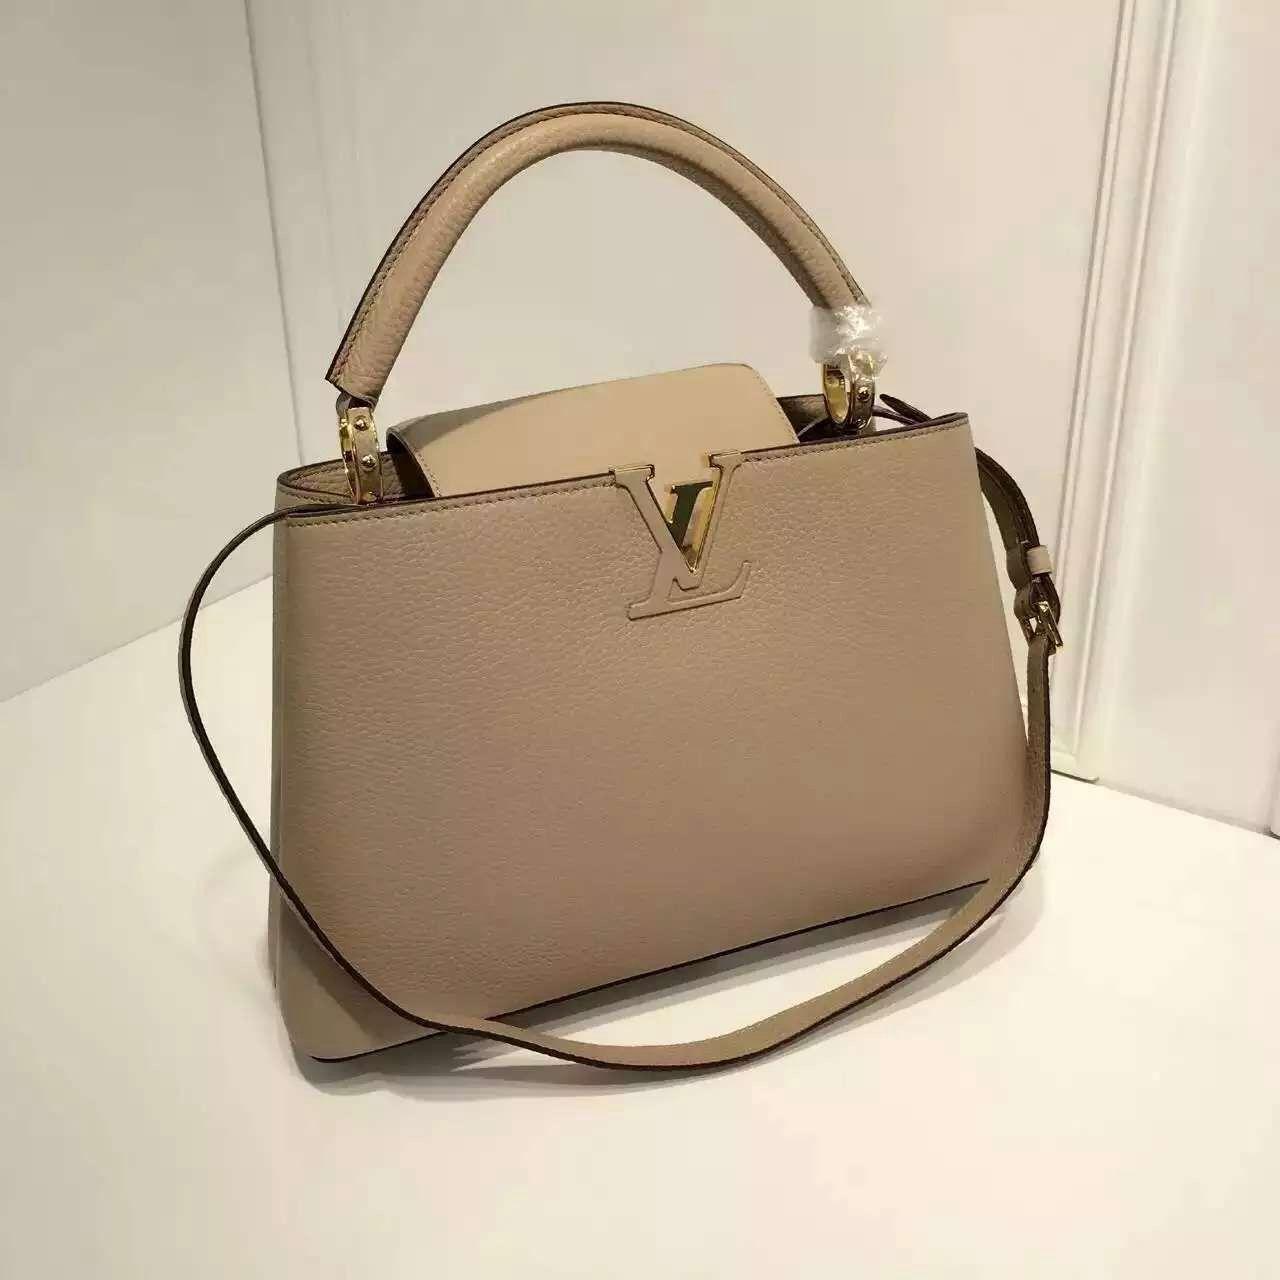 Louis Vuitton Grained Calfskin Multicolor Capucines PM Bag Apricot ... 7d752c7f1b